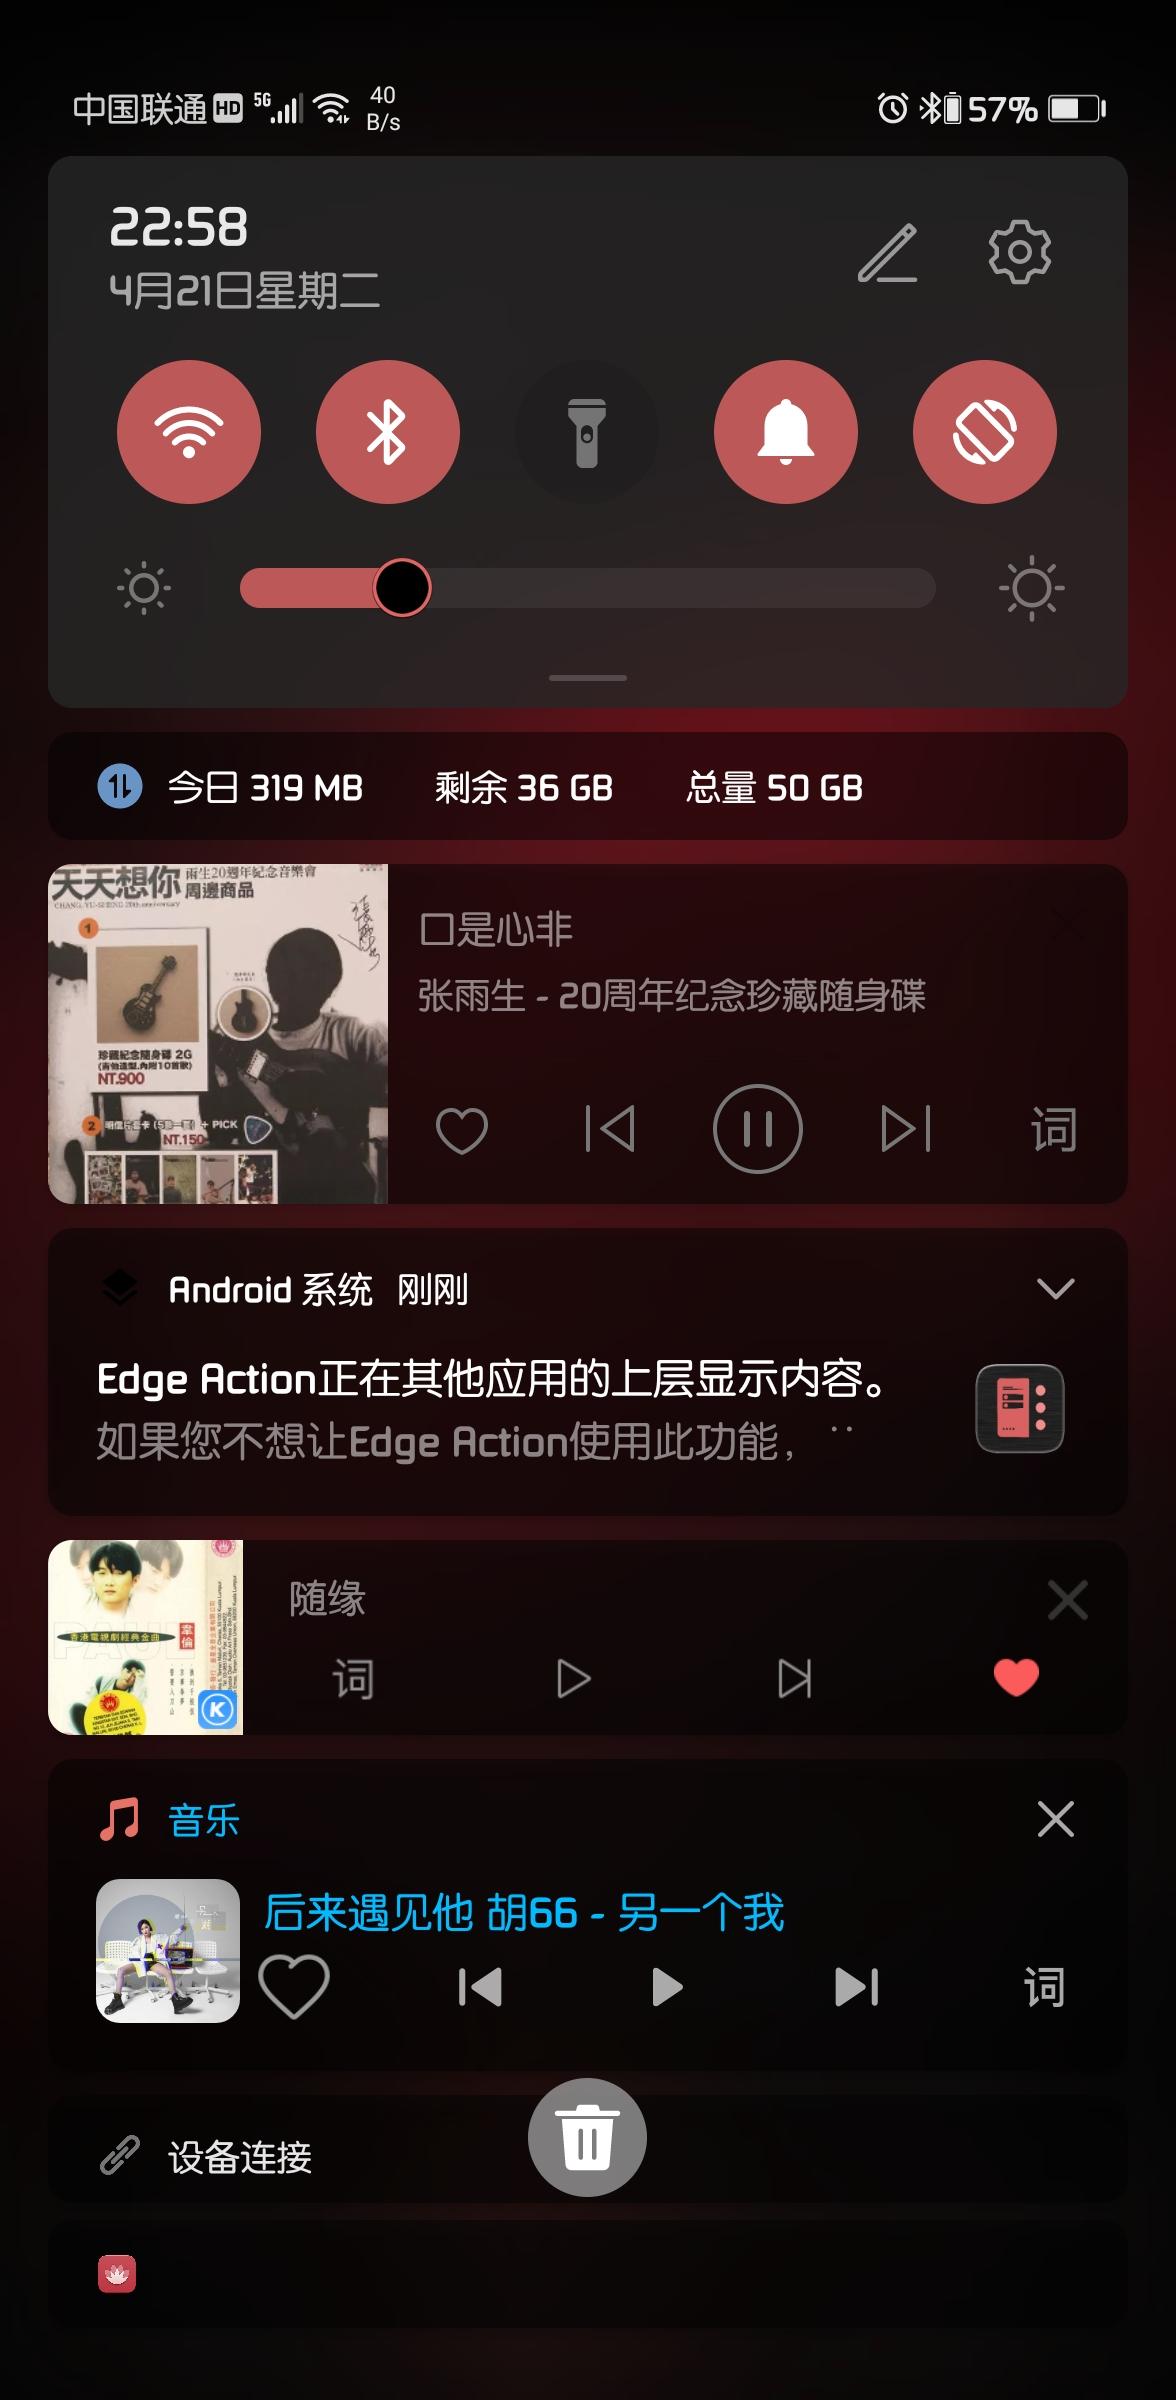 Screenshot_20200421_225819_com.huawei.android.launcher.jpg